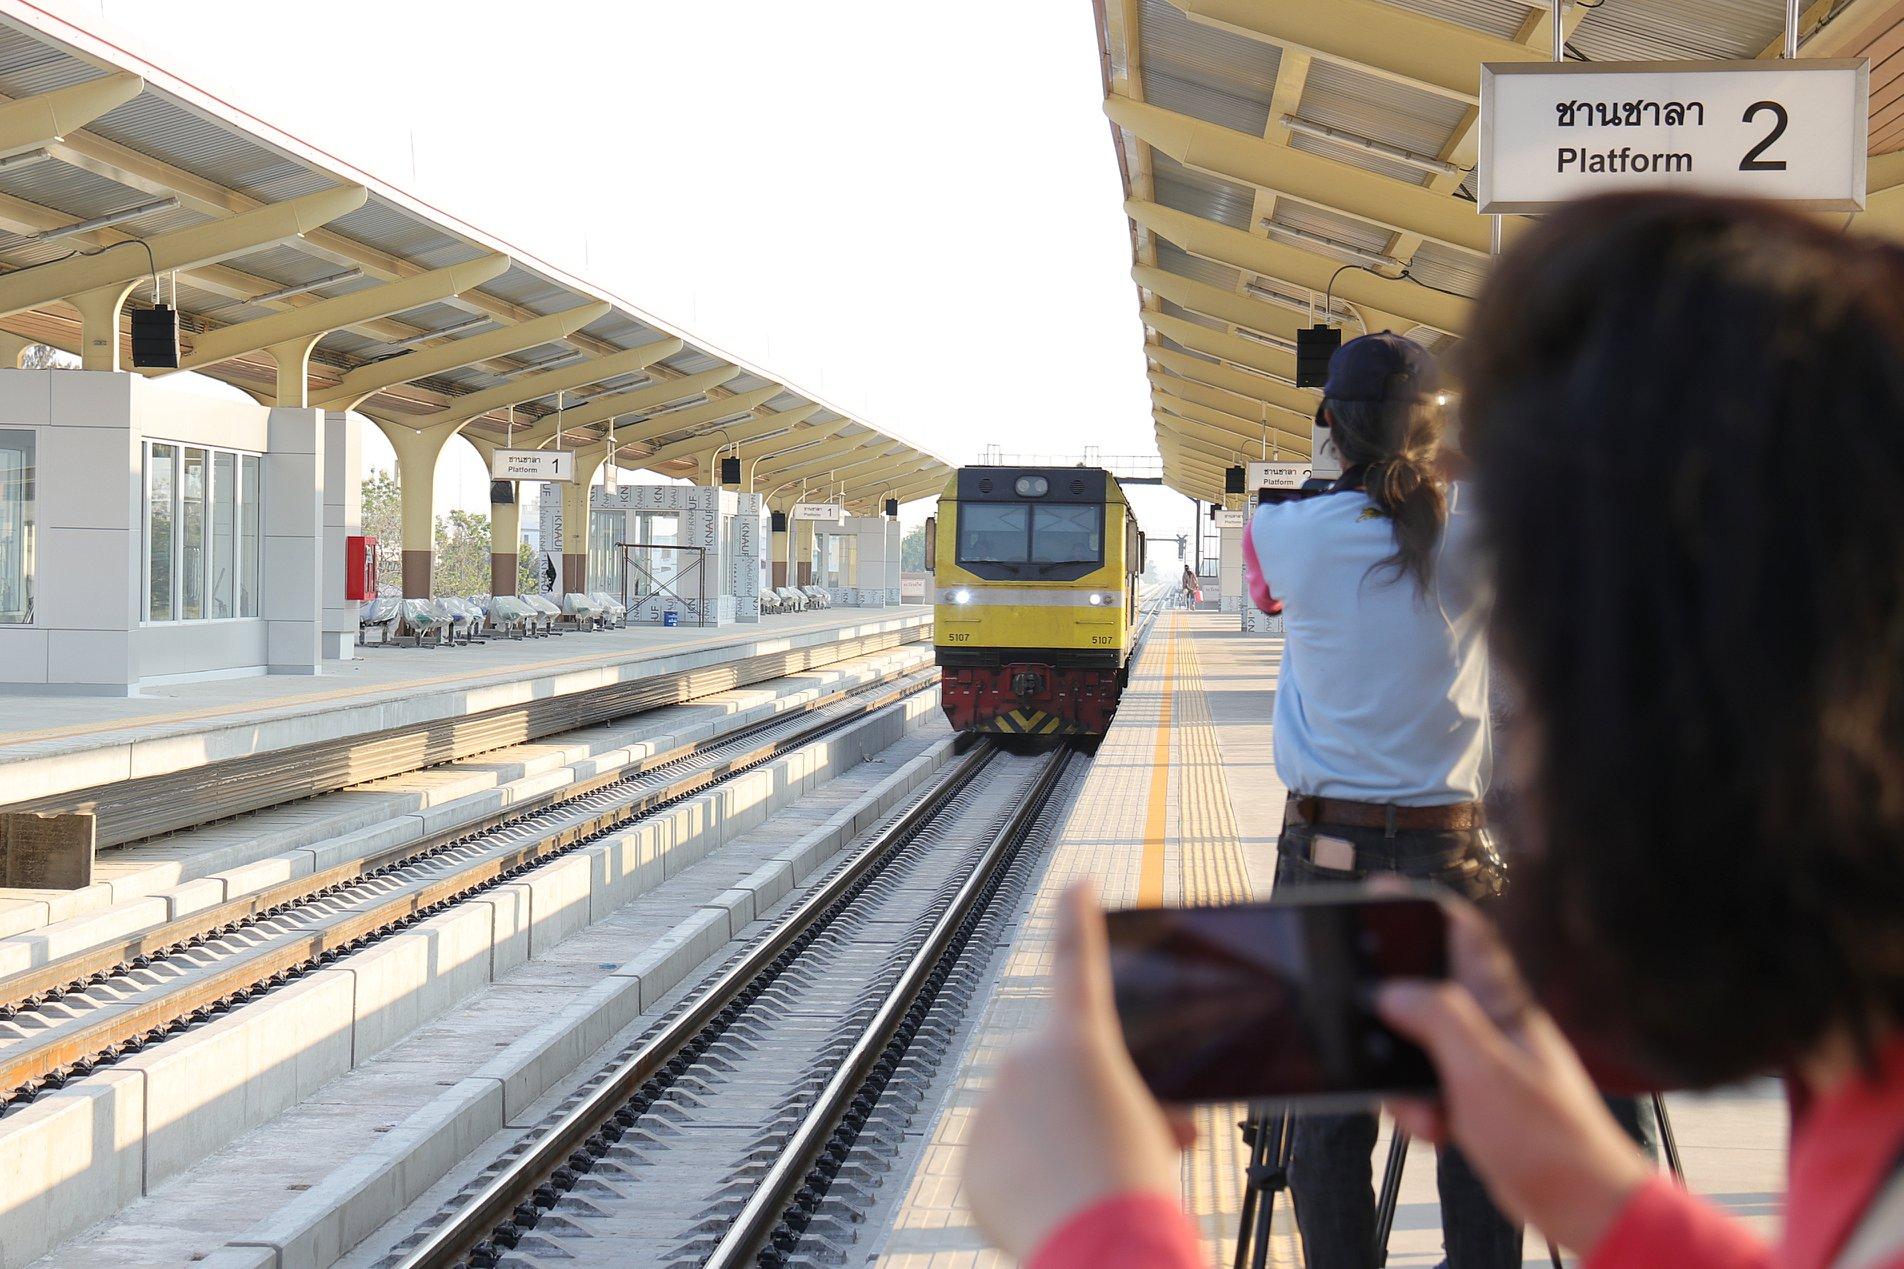 """""""สถานีรถไฟลอยฟ้าขอนแก่น"""" พร้อมเปิดอย่างเป็นทางการ 13 มีนาคม 2562 นี้"""